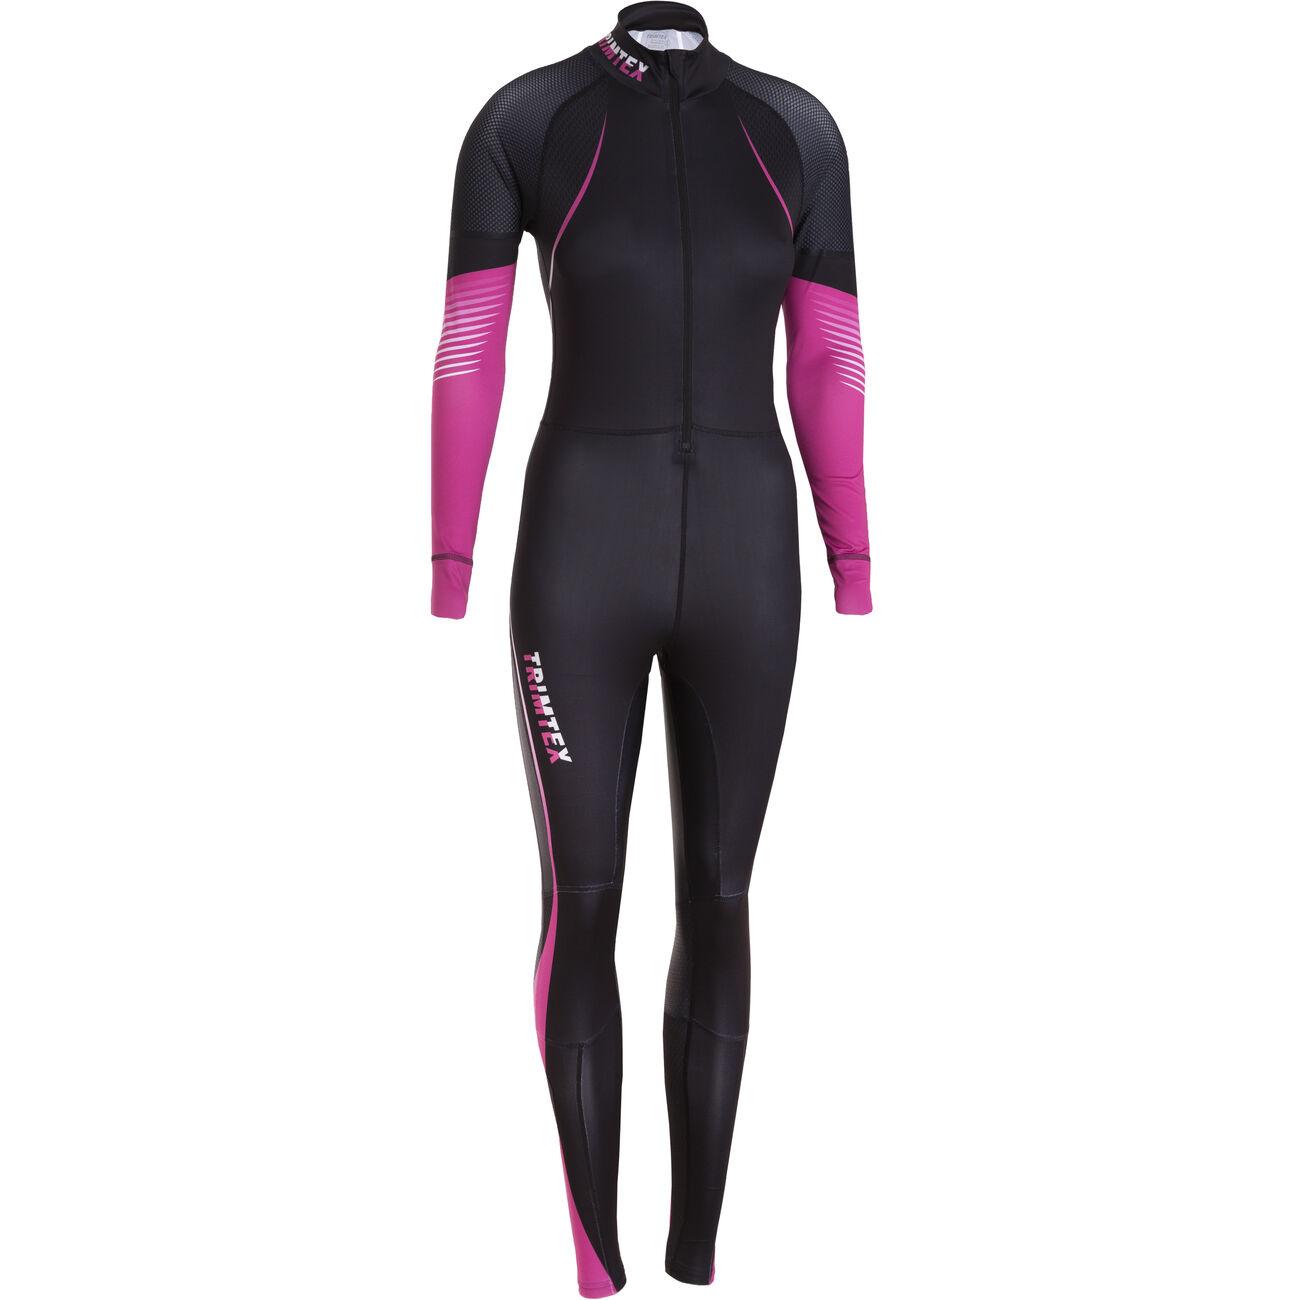 Compress Race suit women's - Revised